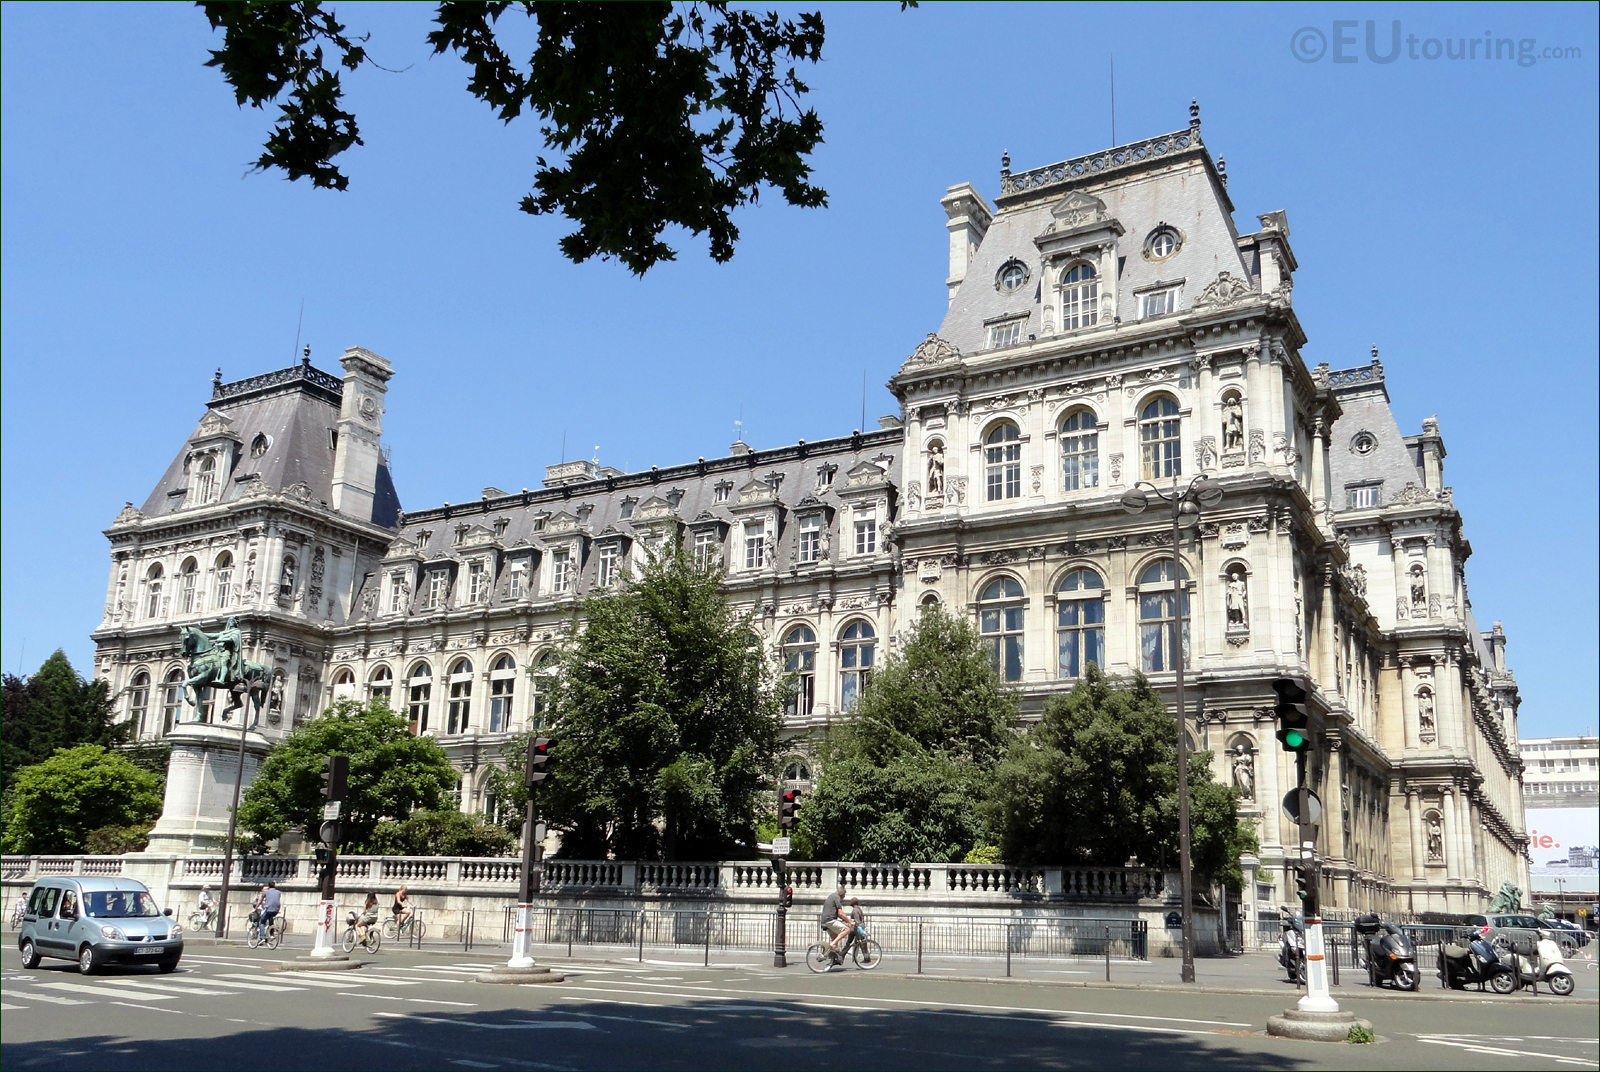 Hd photos of hotel de ville in paris france page 1 for Hotel de ville